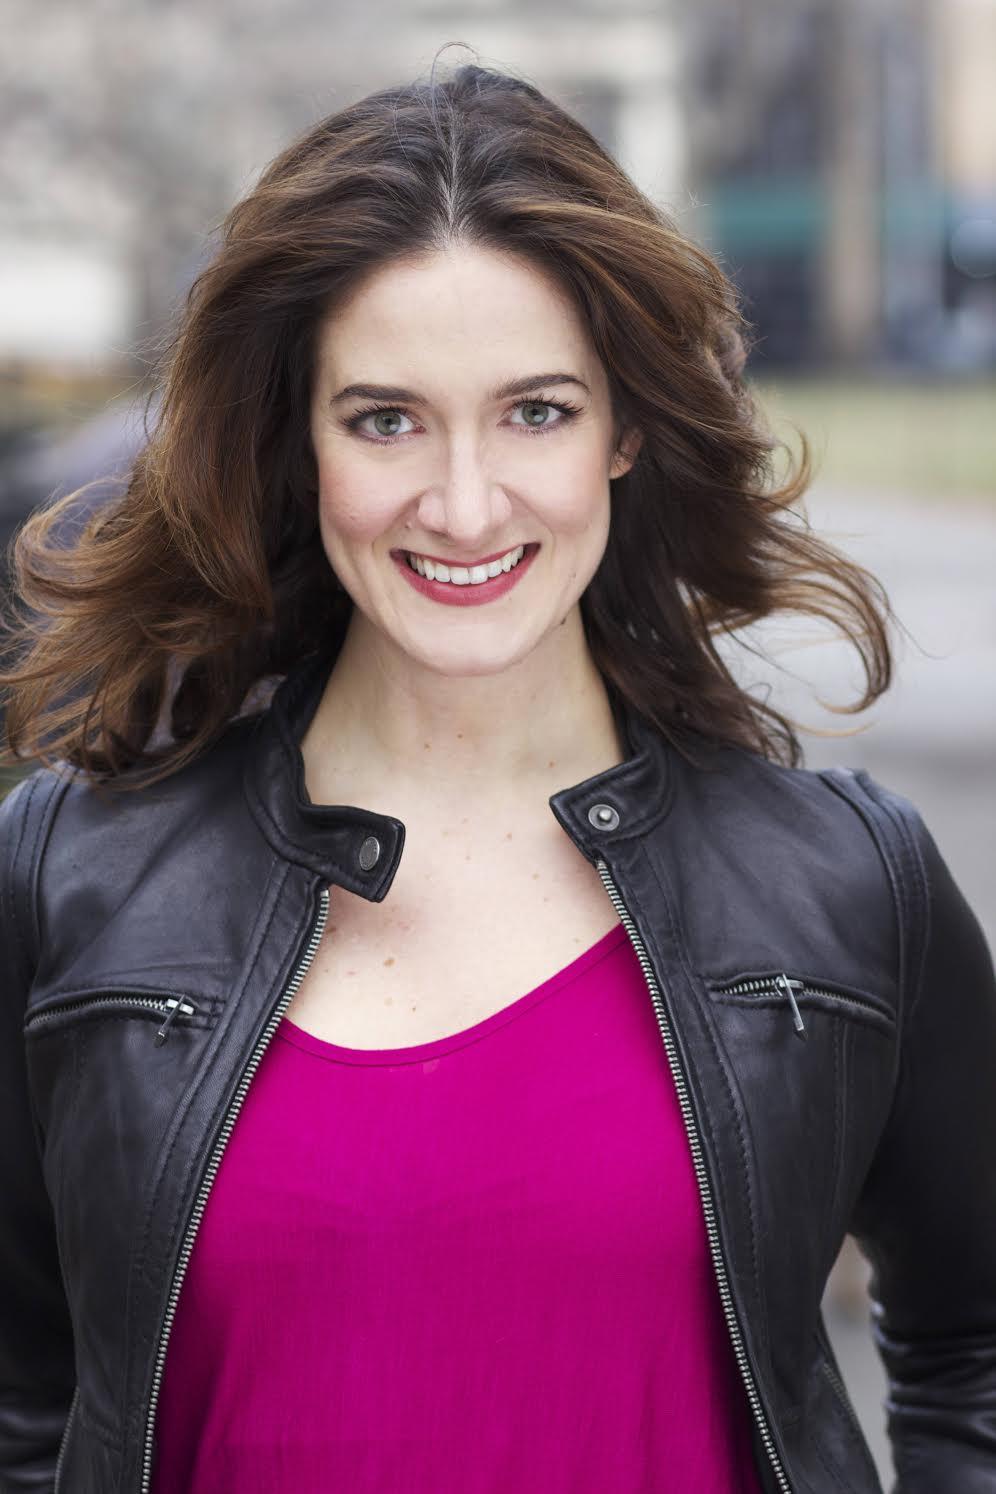 Jennifer Swiderski